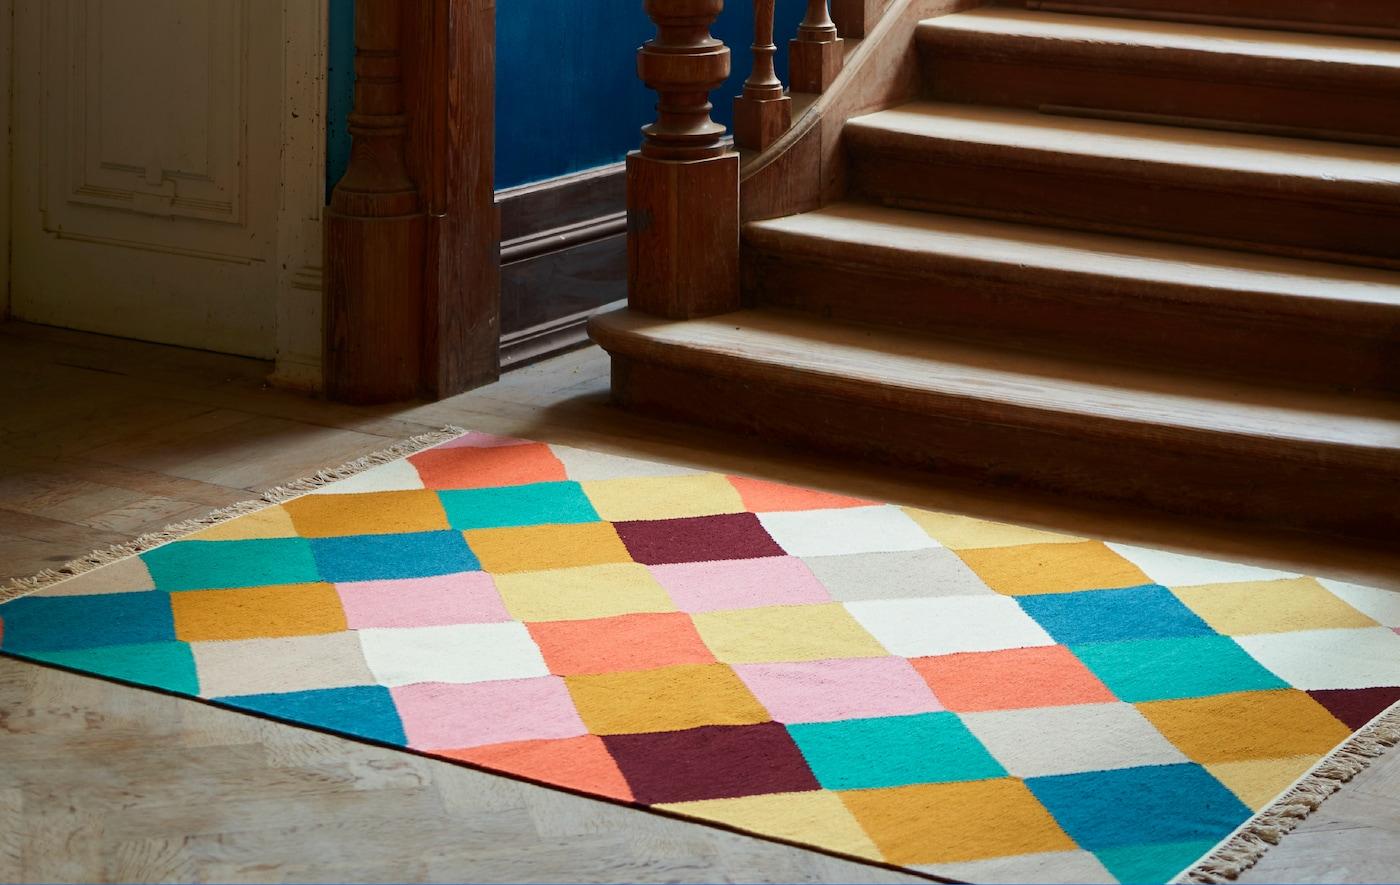 Un tapis VINDERÖD avec un motif à carreaux multicolores au pied d'un escalier en bois foncé avec une rampe ouvragée.